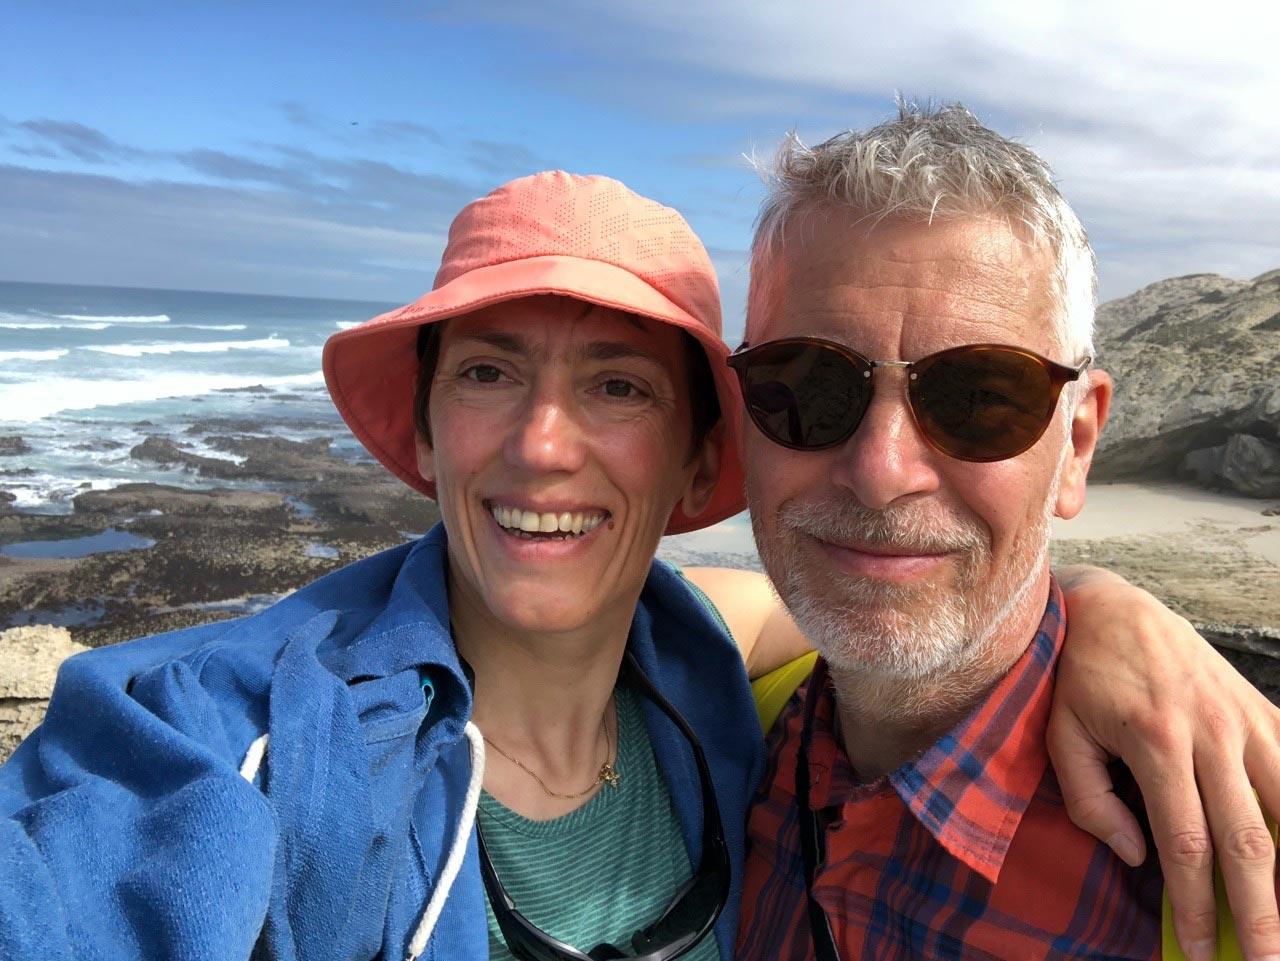 Ursula Fischer und der Osteopath Normen Wolke